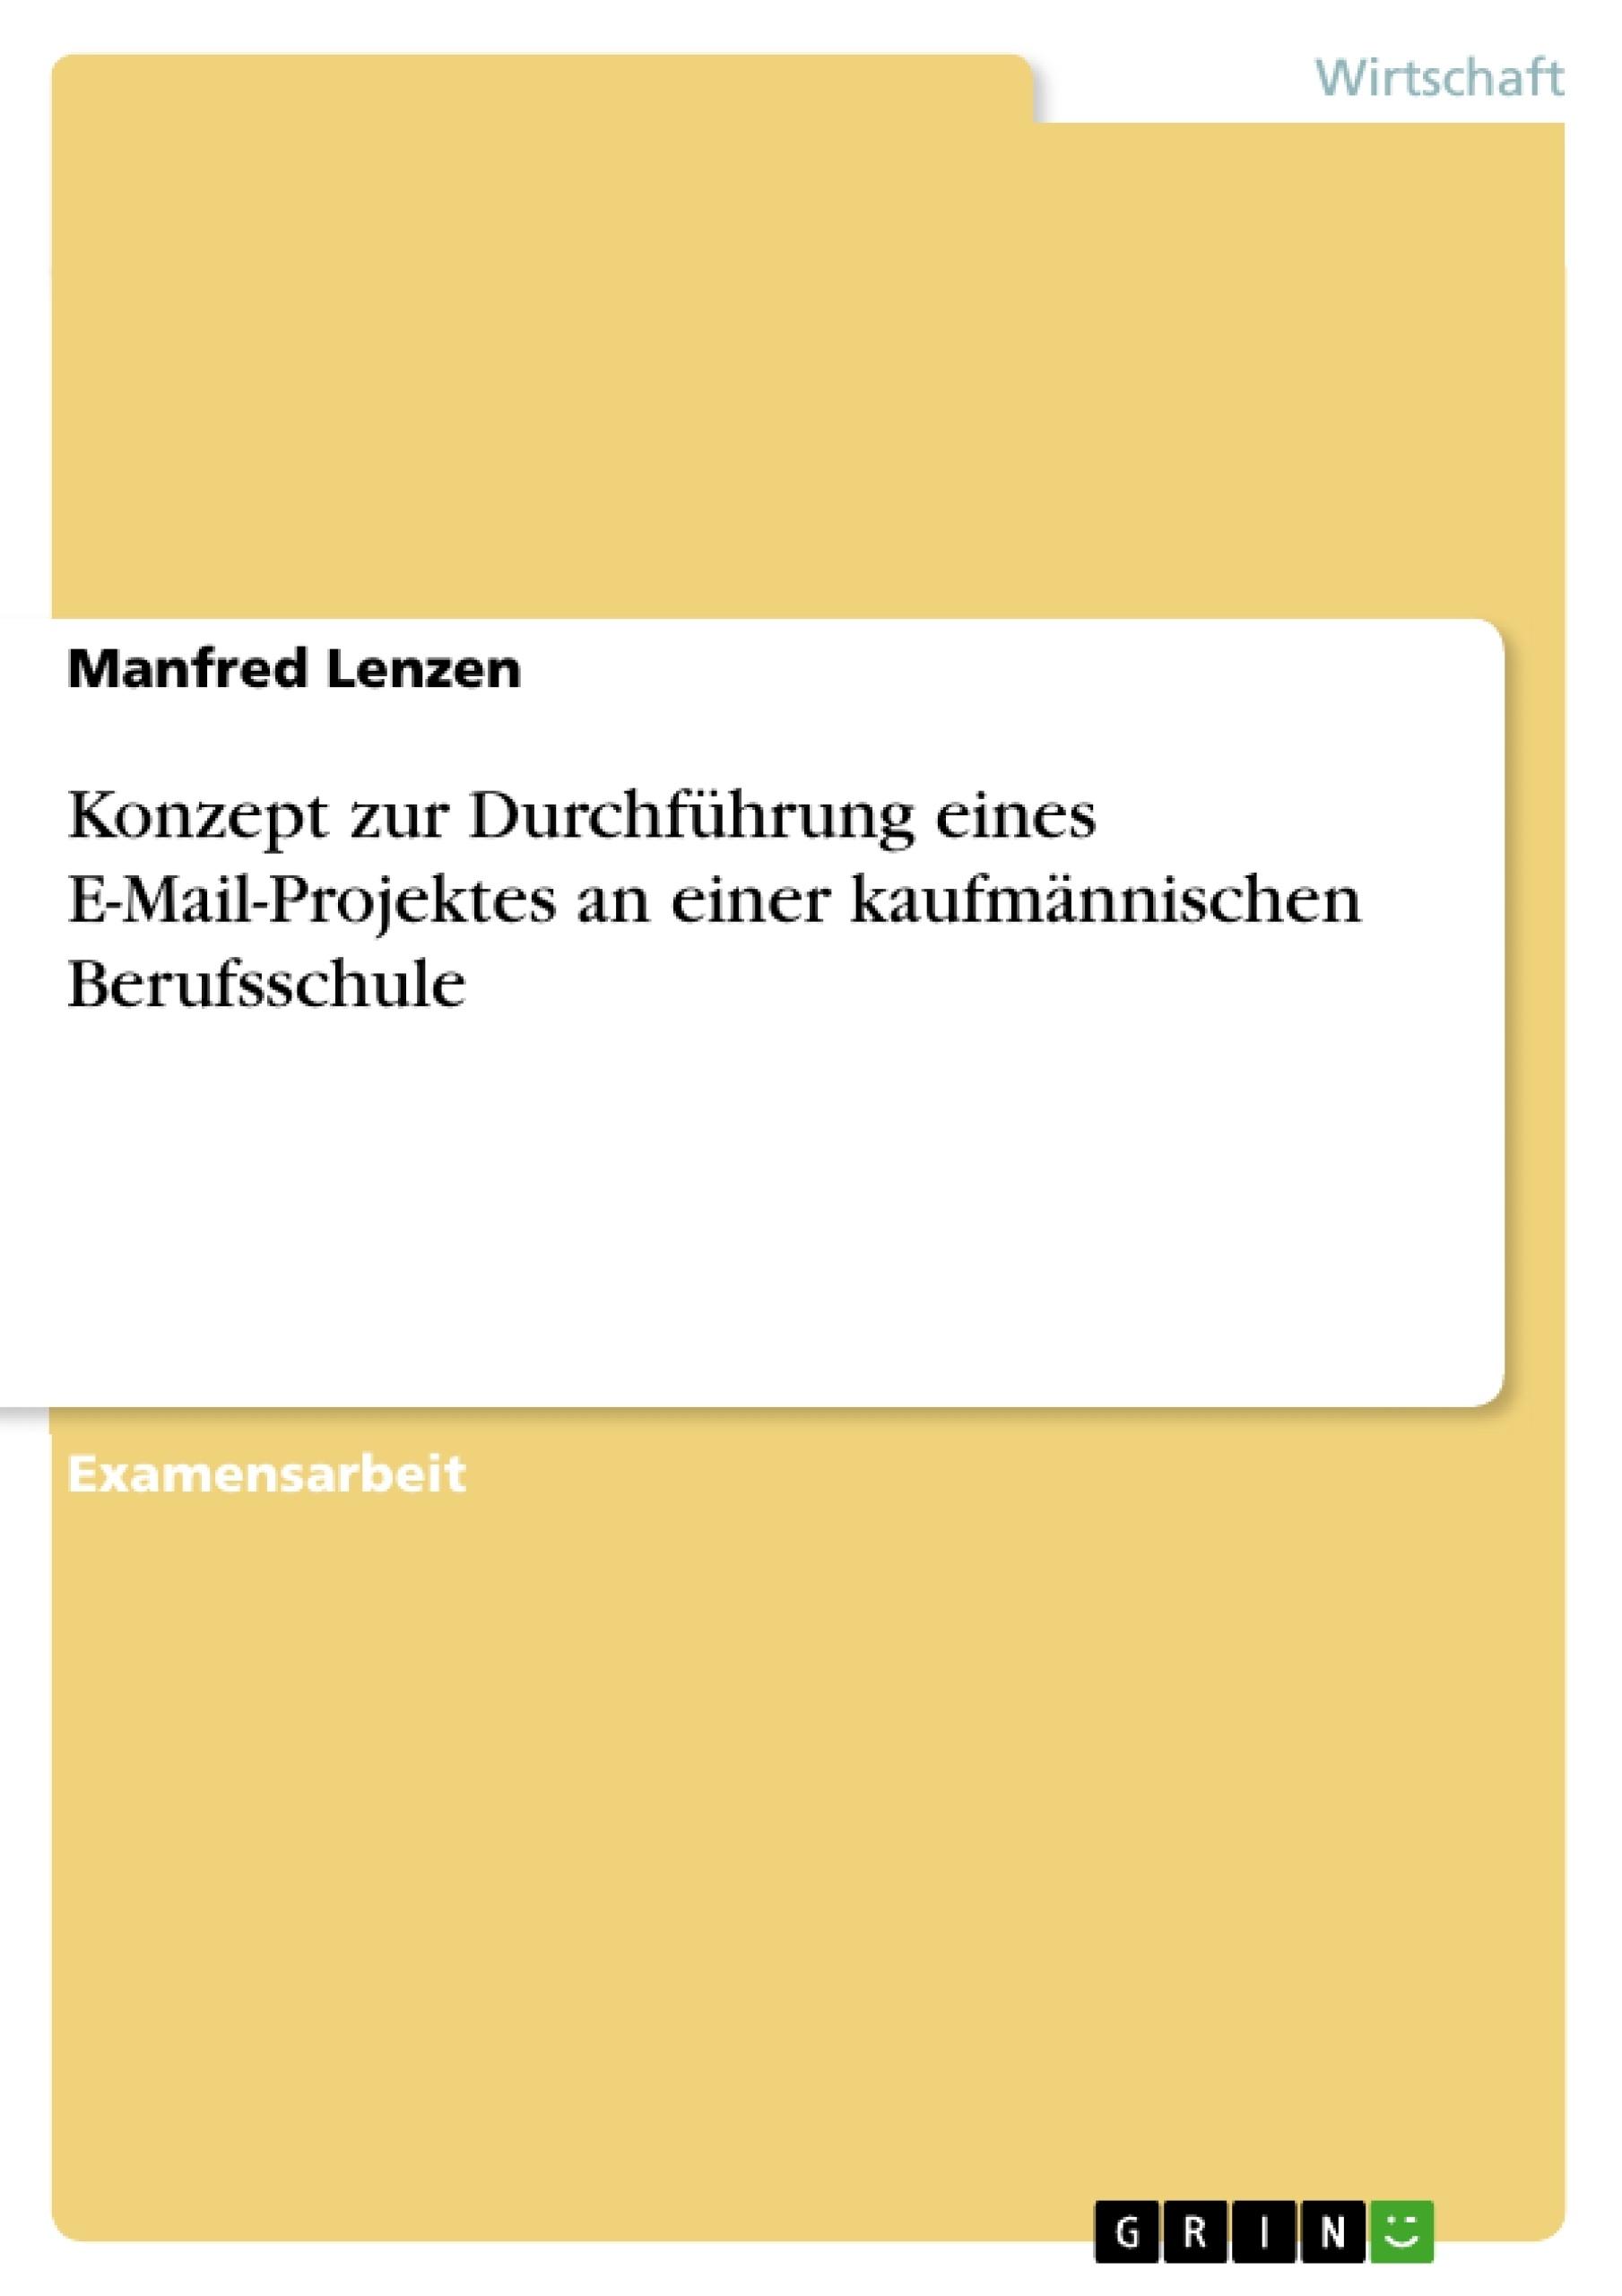 Titel: Konzept zur Durchführung eines E-Mail-Projektes an einer kaufmännischen Berufsschule